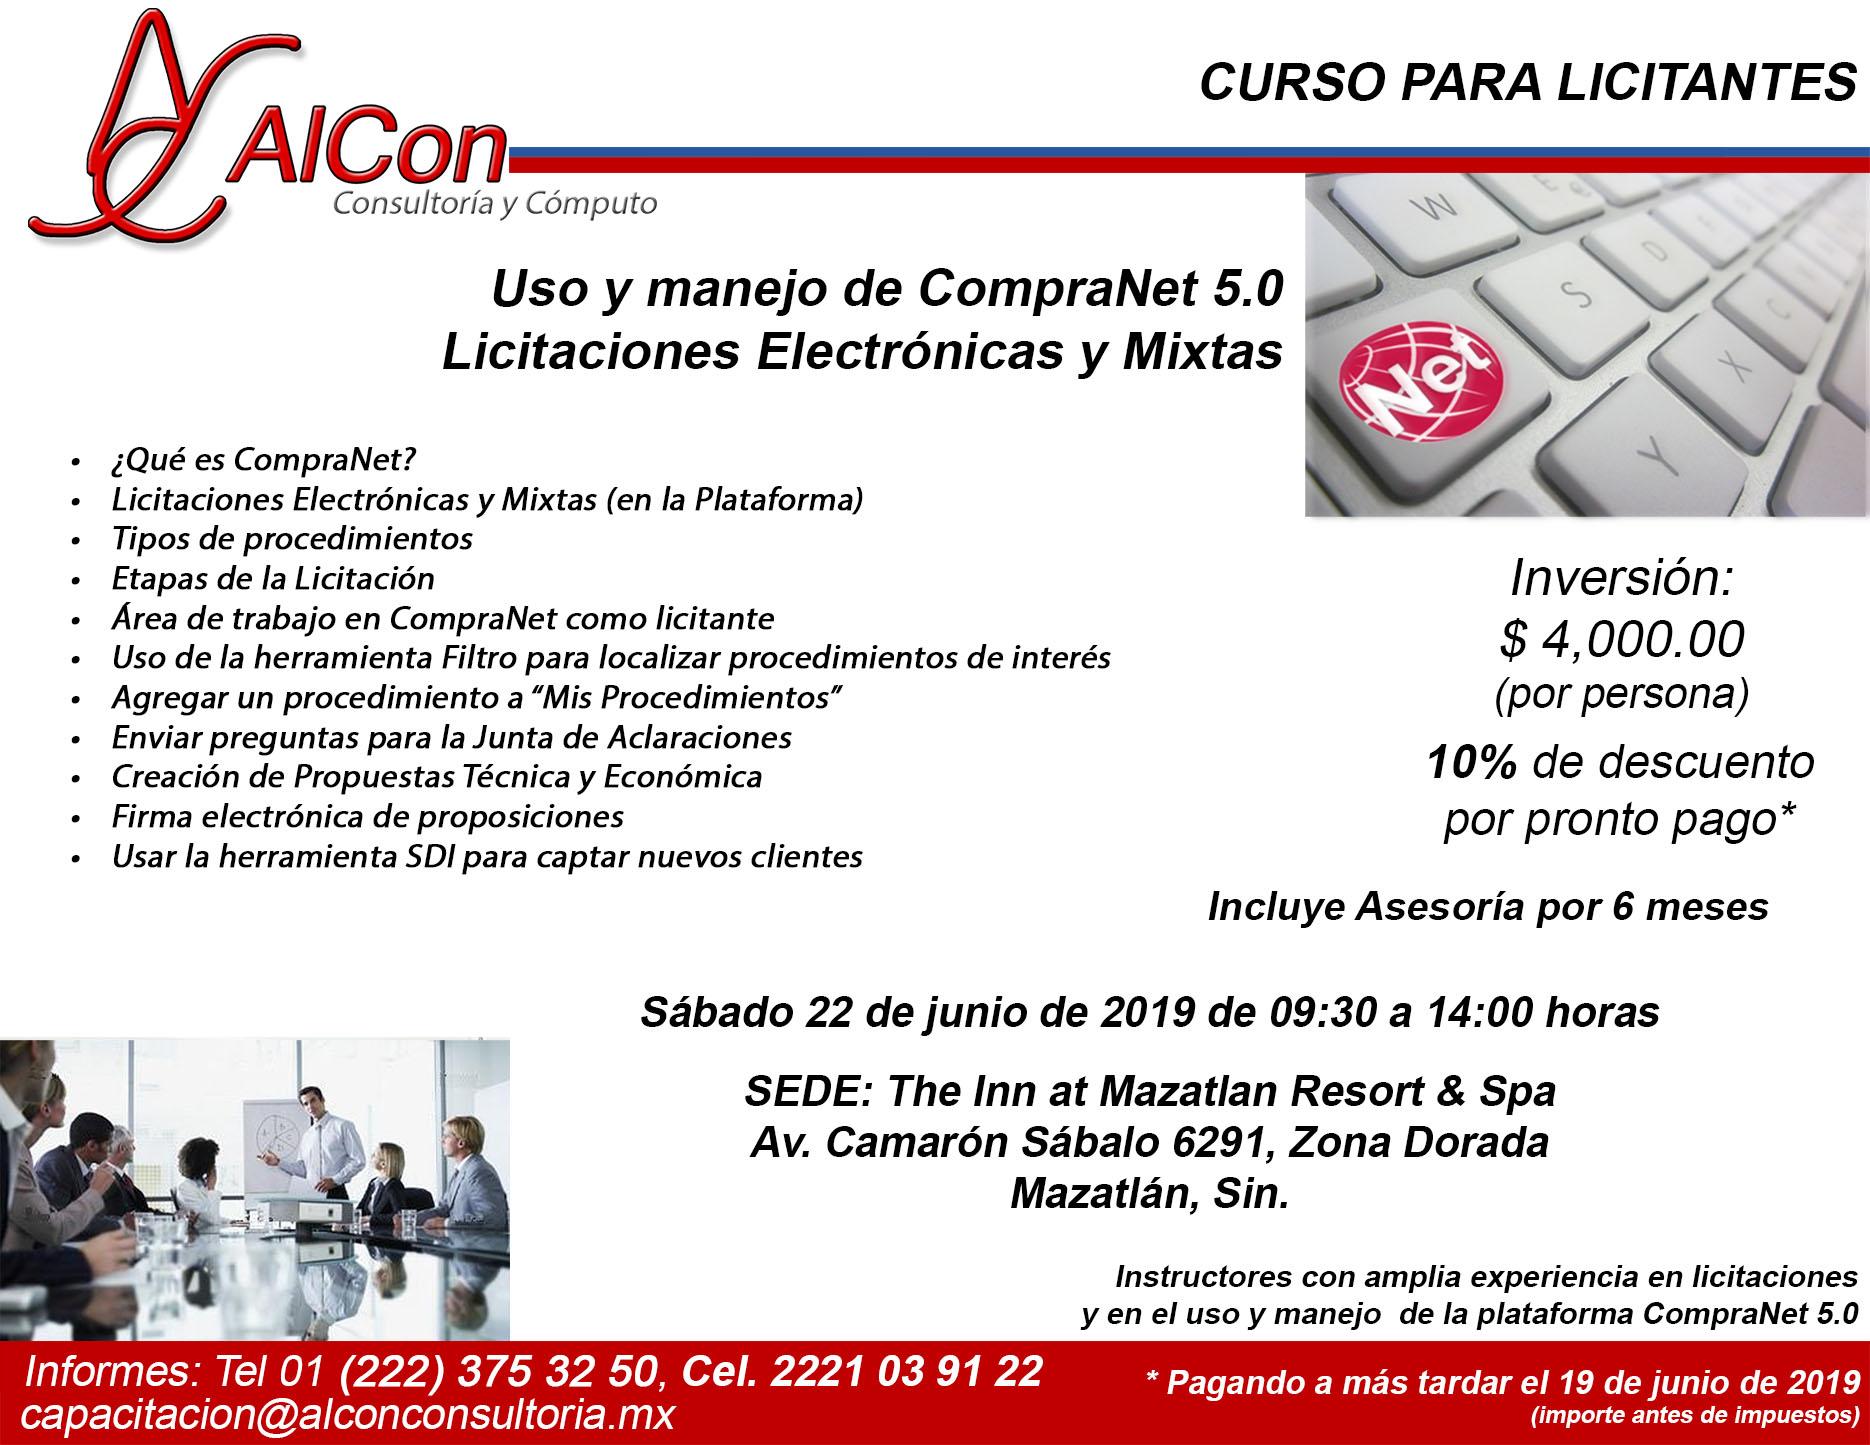 Curso de CompraNet 5.0, Mazatlán, Sinaloa  AlCon Consultoría y Cómputo